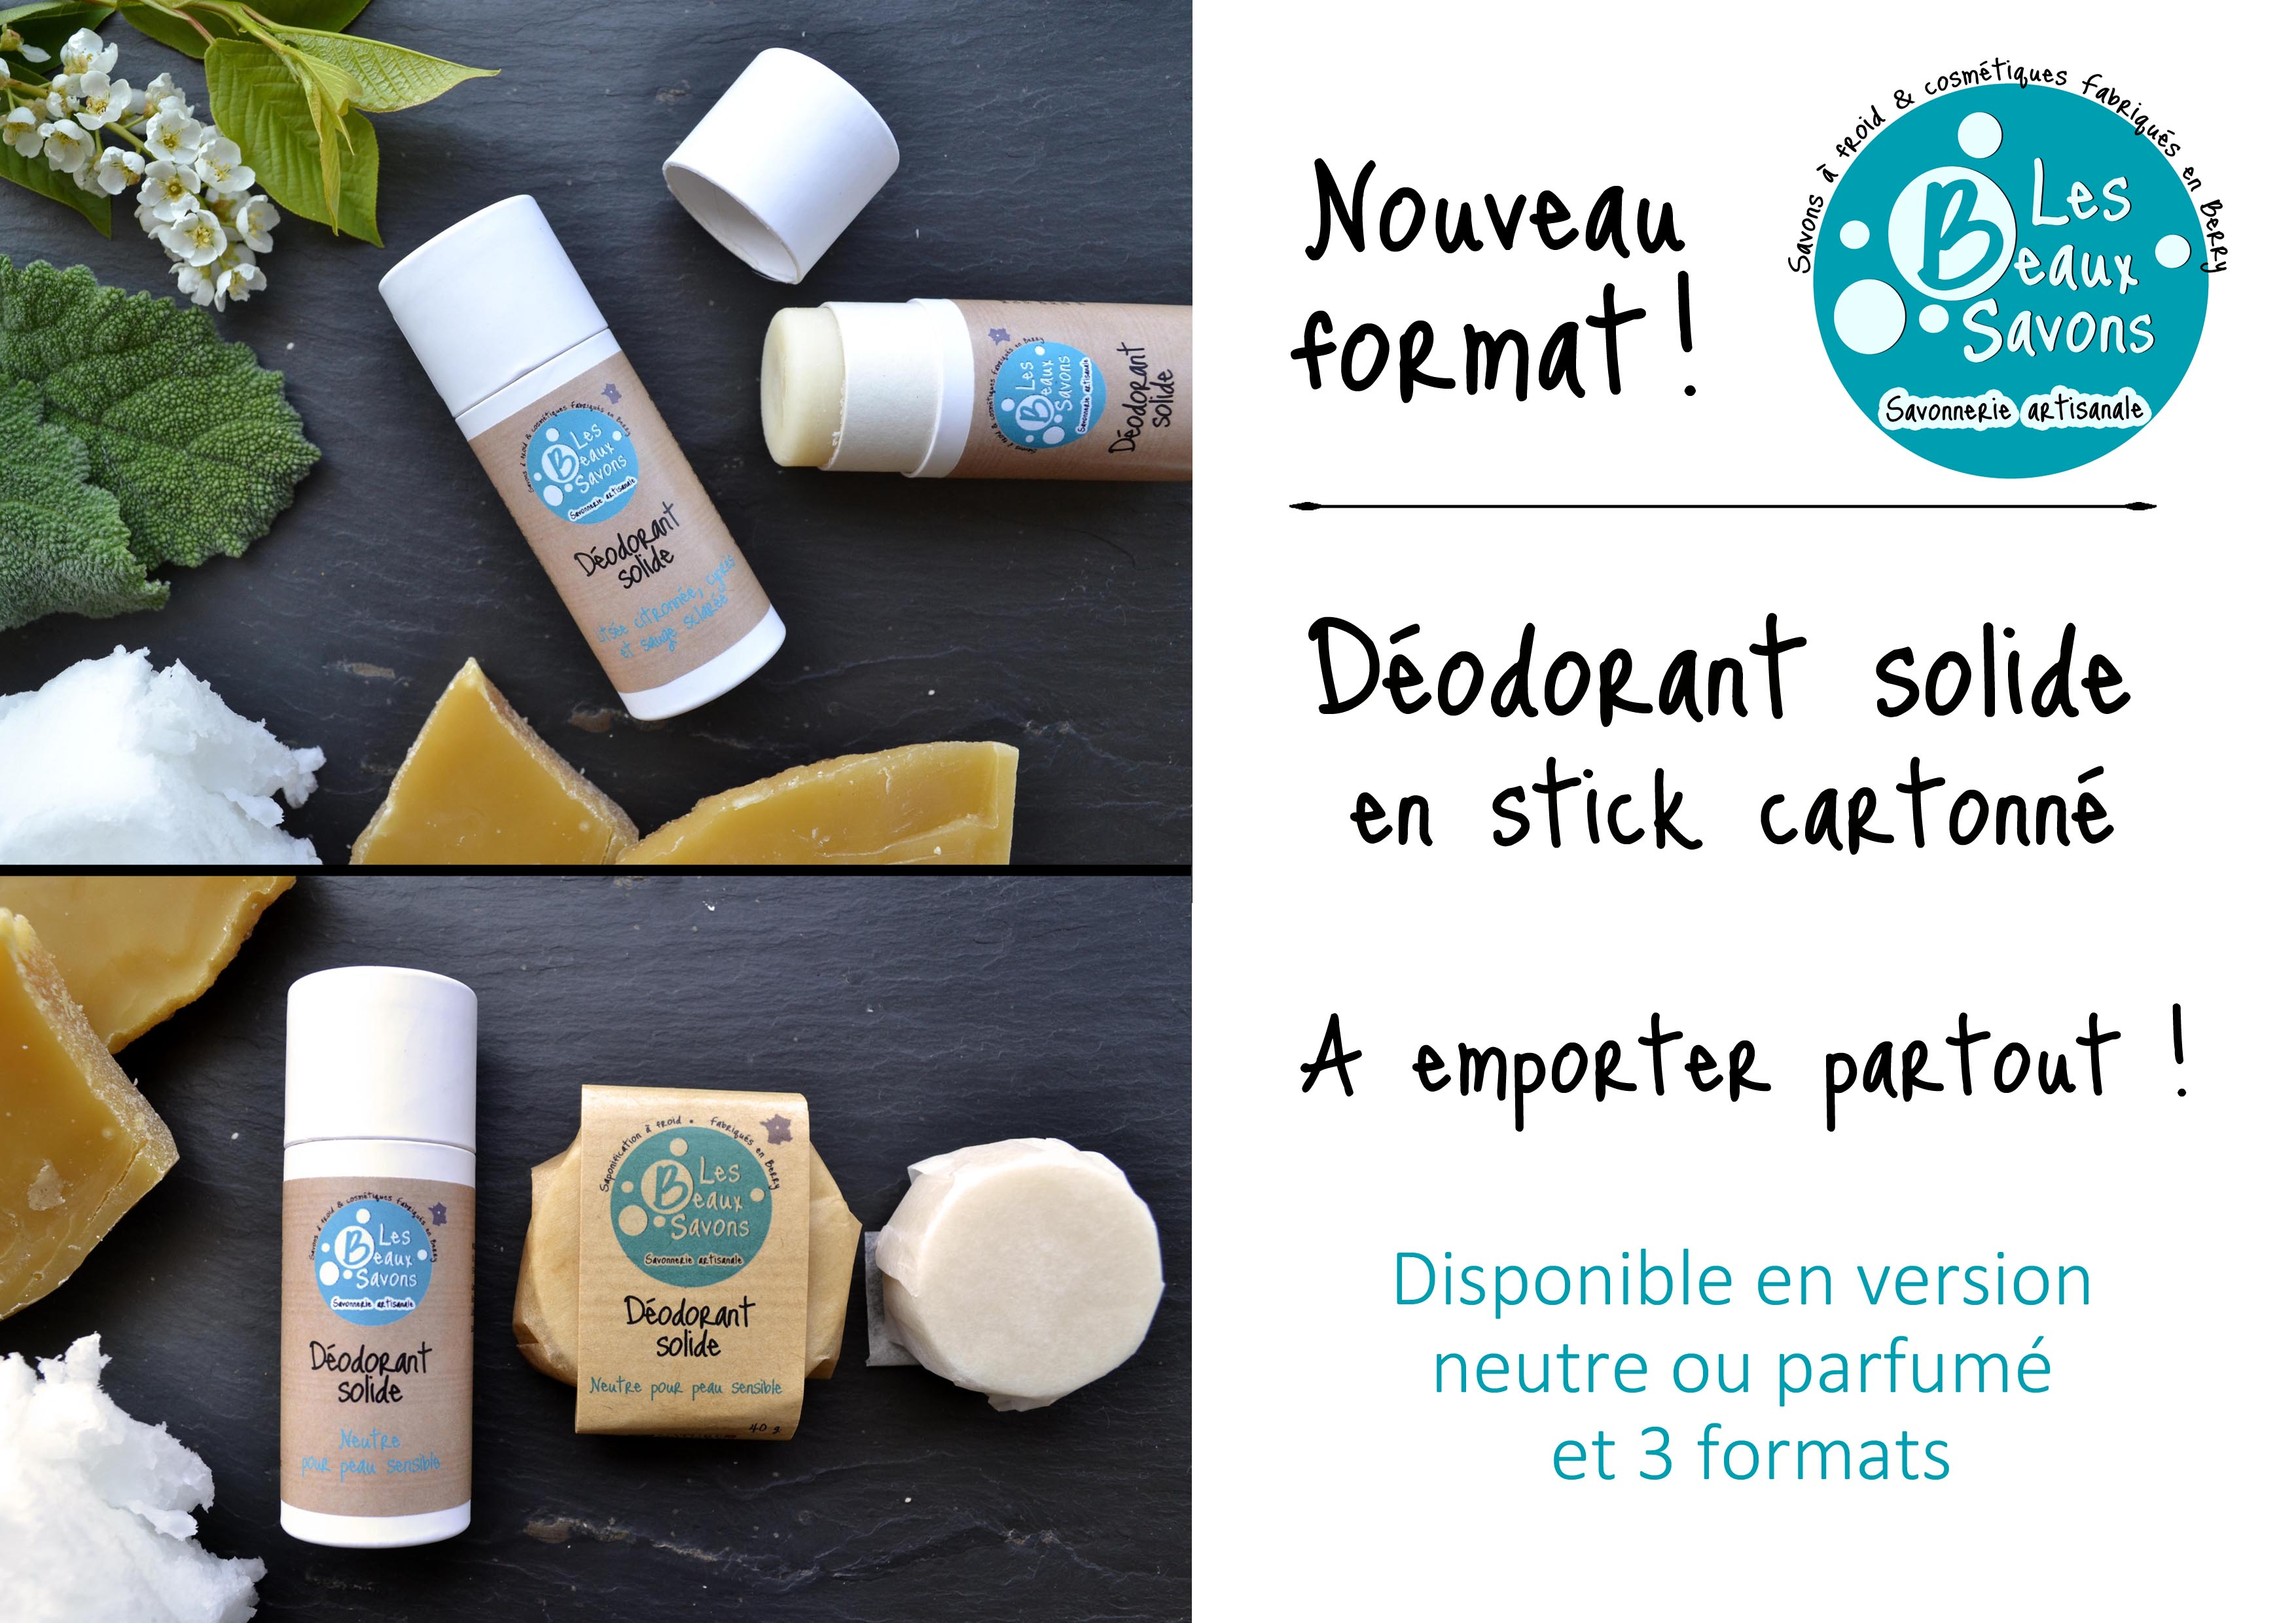 Nouveautés déodorants stick.jpg